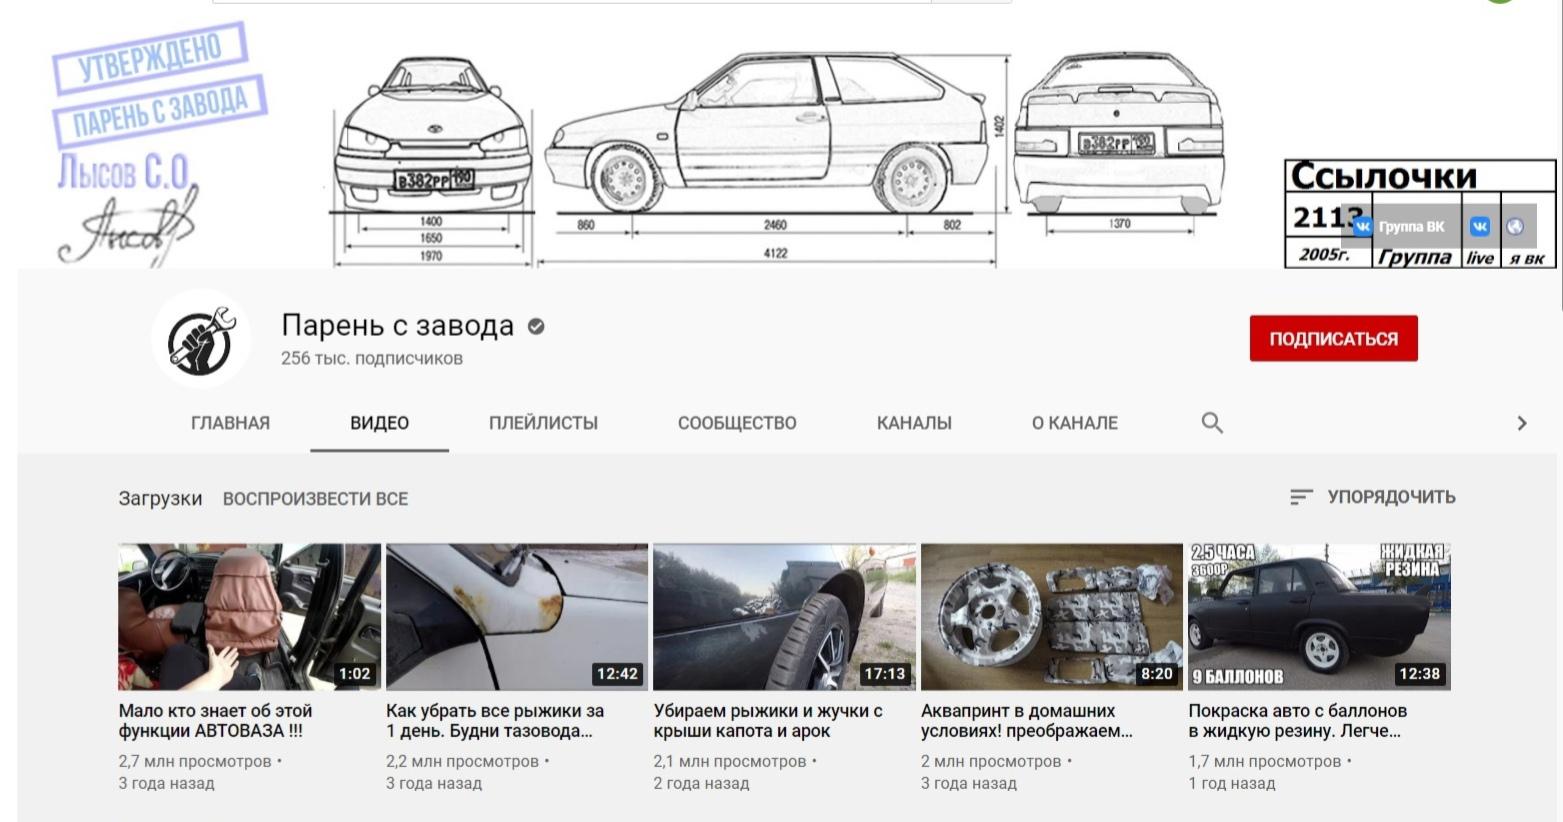 Блогер «Парень с завода» совершил прорыв в мире автотехники